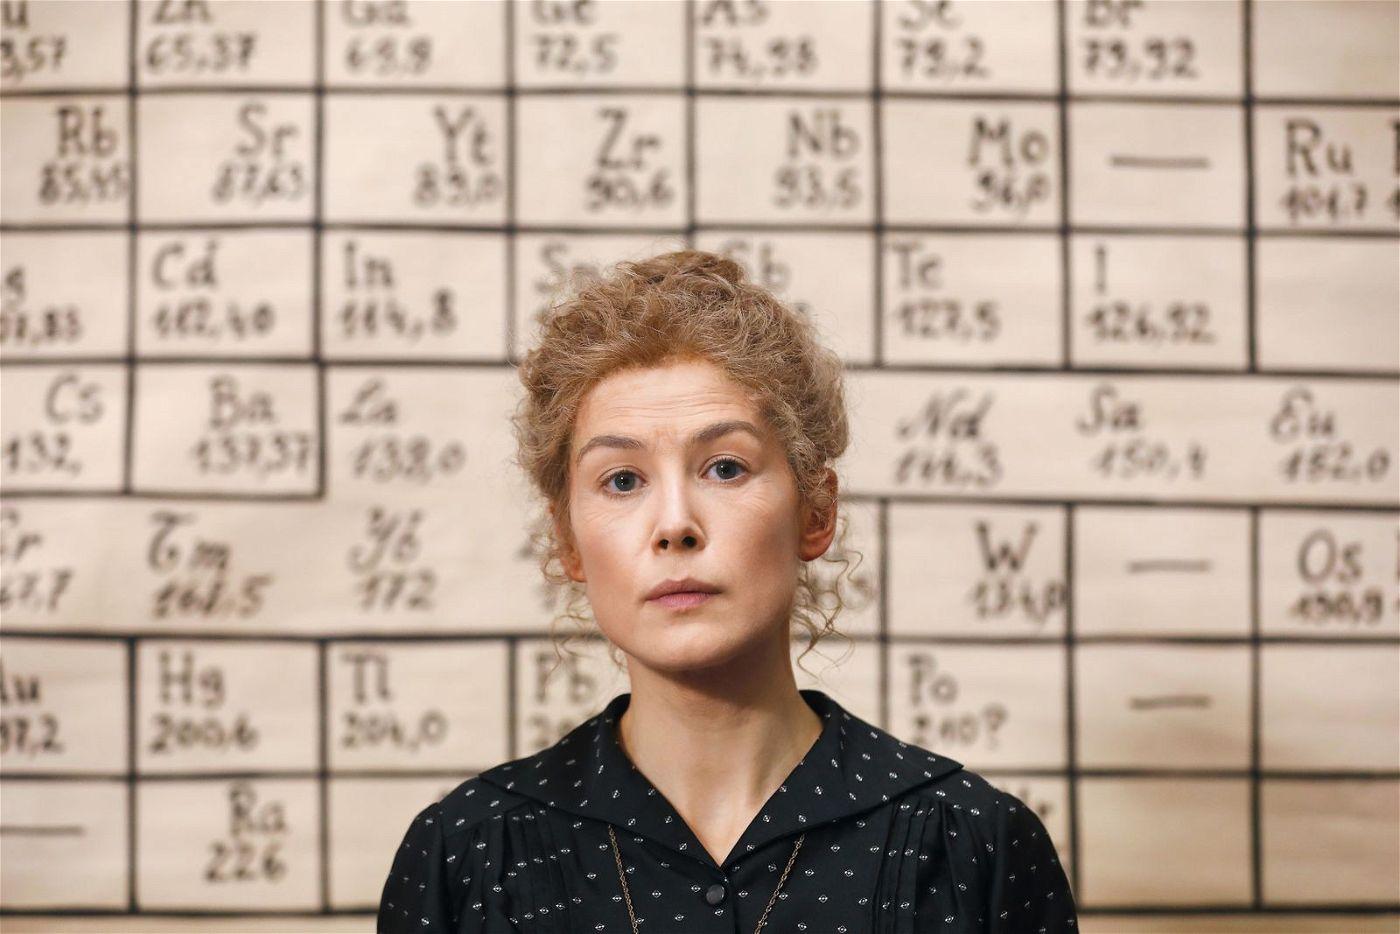 Im Paris des frühen 19. Jahrhunderts stößt die Wissenschaftlerin Marie Curie (Rosamund Pike) auf viele Hindernisse.